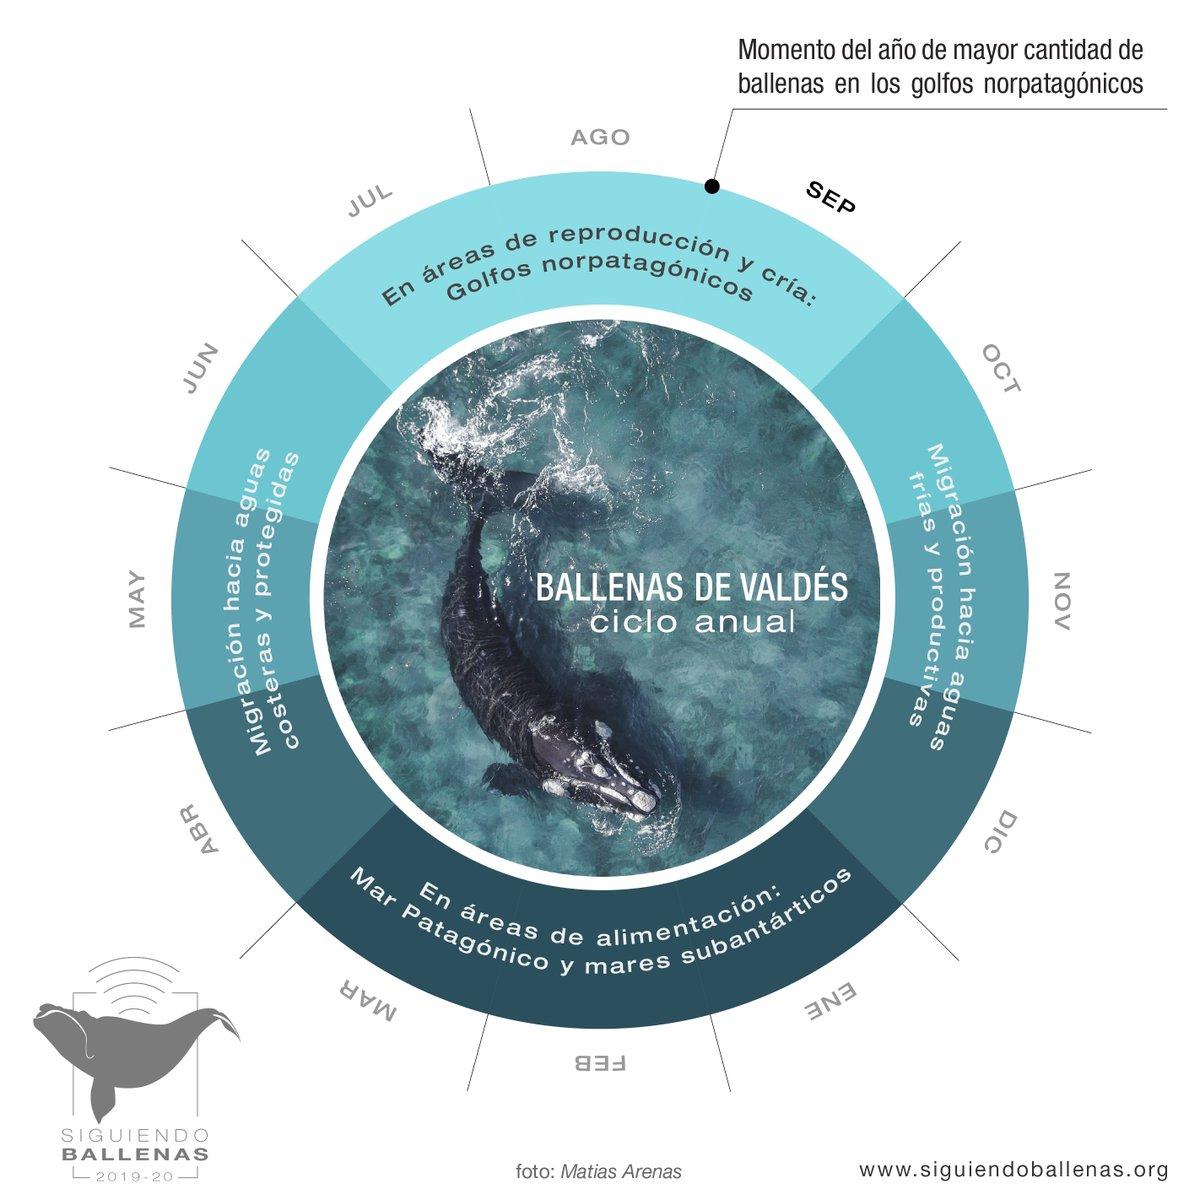 Entre inicios de otoño y fines de primavera, el Golfo Nuevo resulta un ambiente de importancia crítica para las #ballenas francas australes; ¡es temporada de cría! Septiembre es uno de los meses con mayor presencia de individuos en las aguas que rodean la #PenínsulaValdés. https://t.co/rd5laY586S